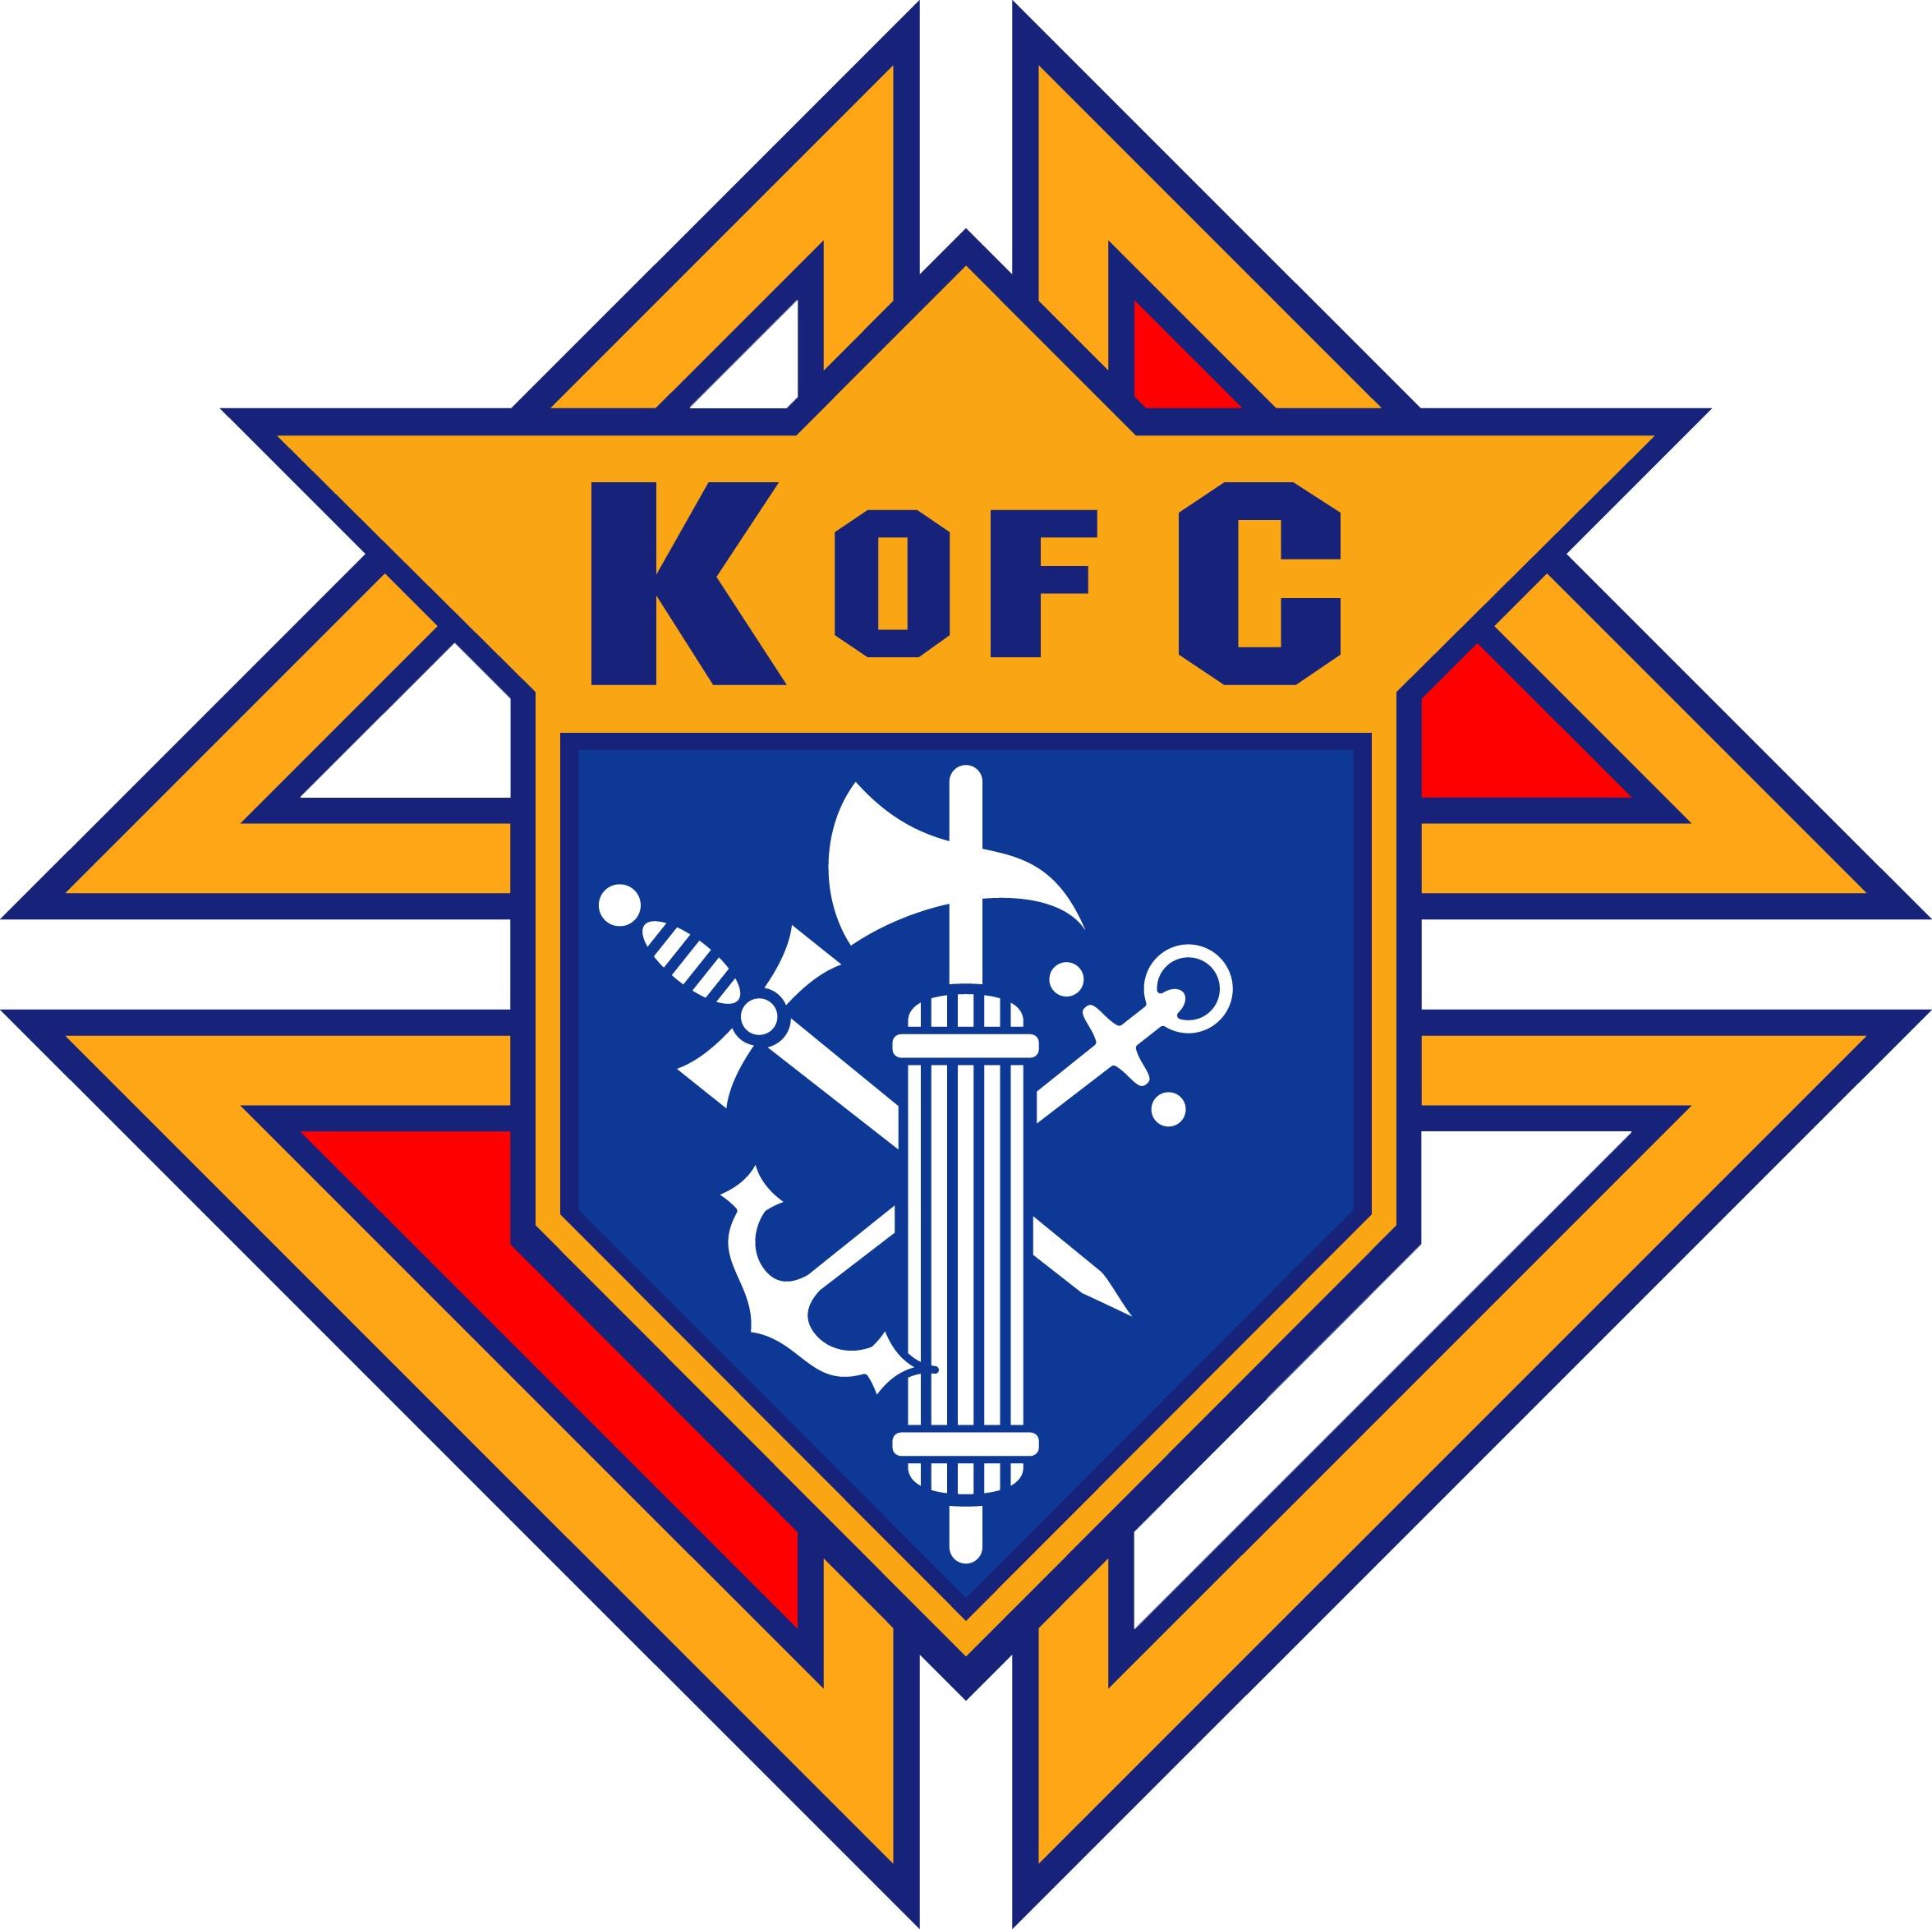 kofc-logo-jpg.jpg